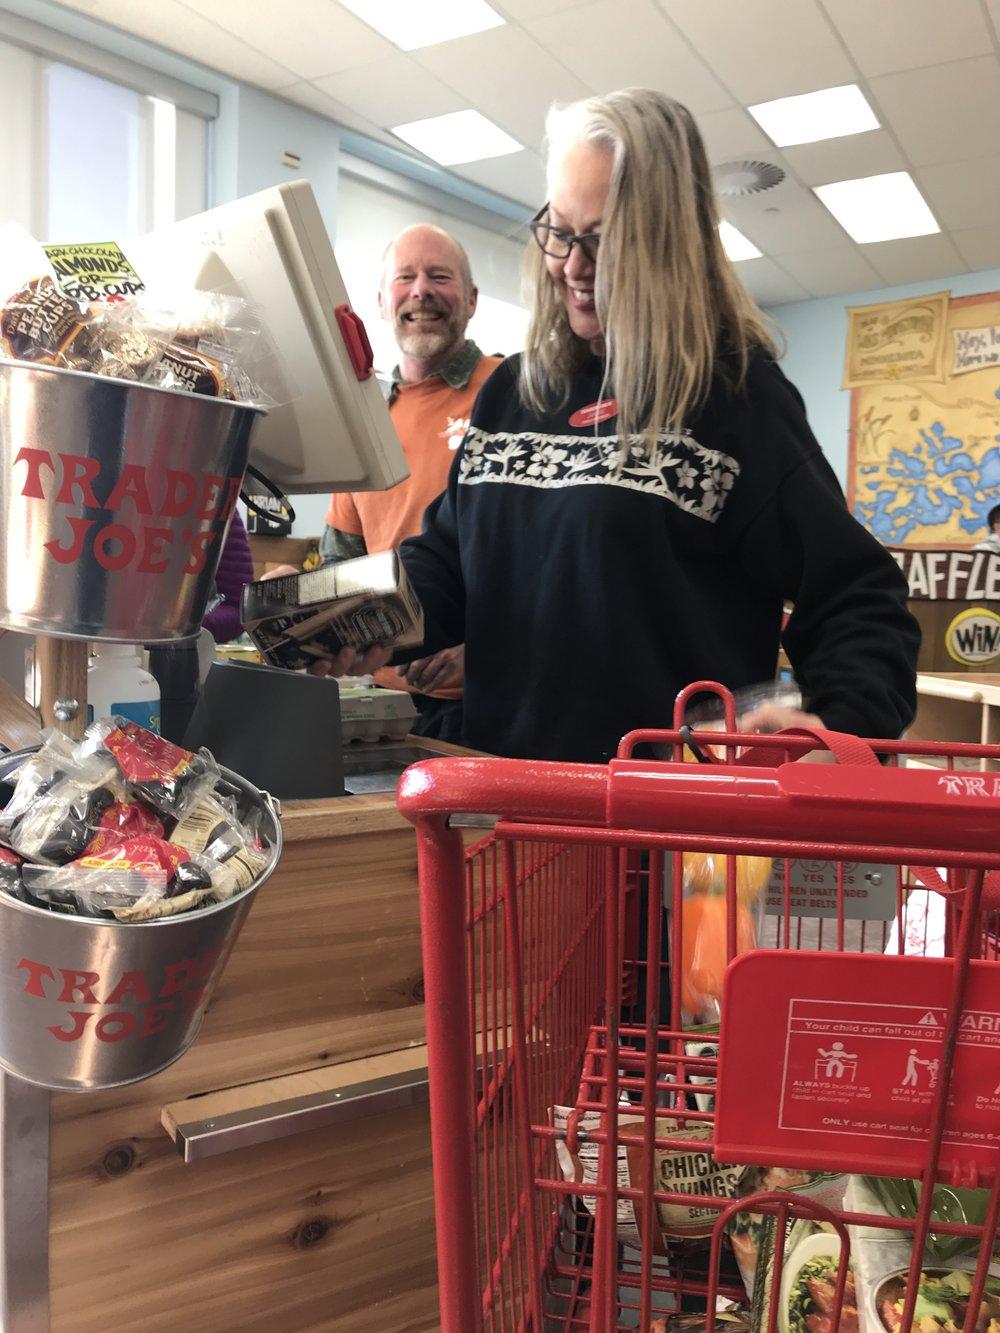 A man and woman cashier at Trader Joe's emptying cart.